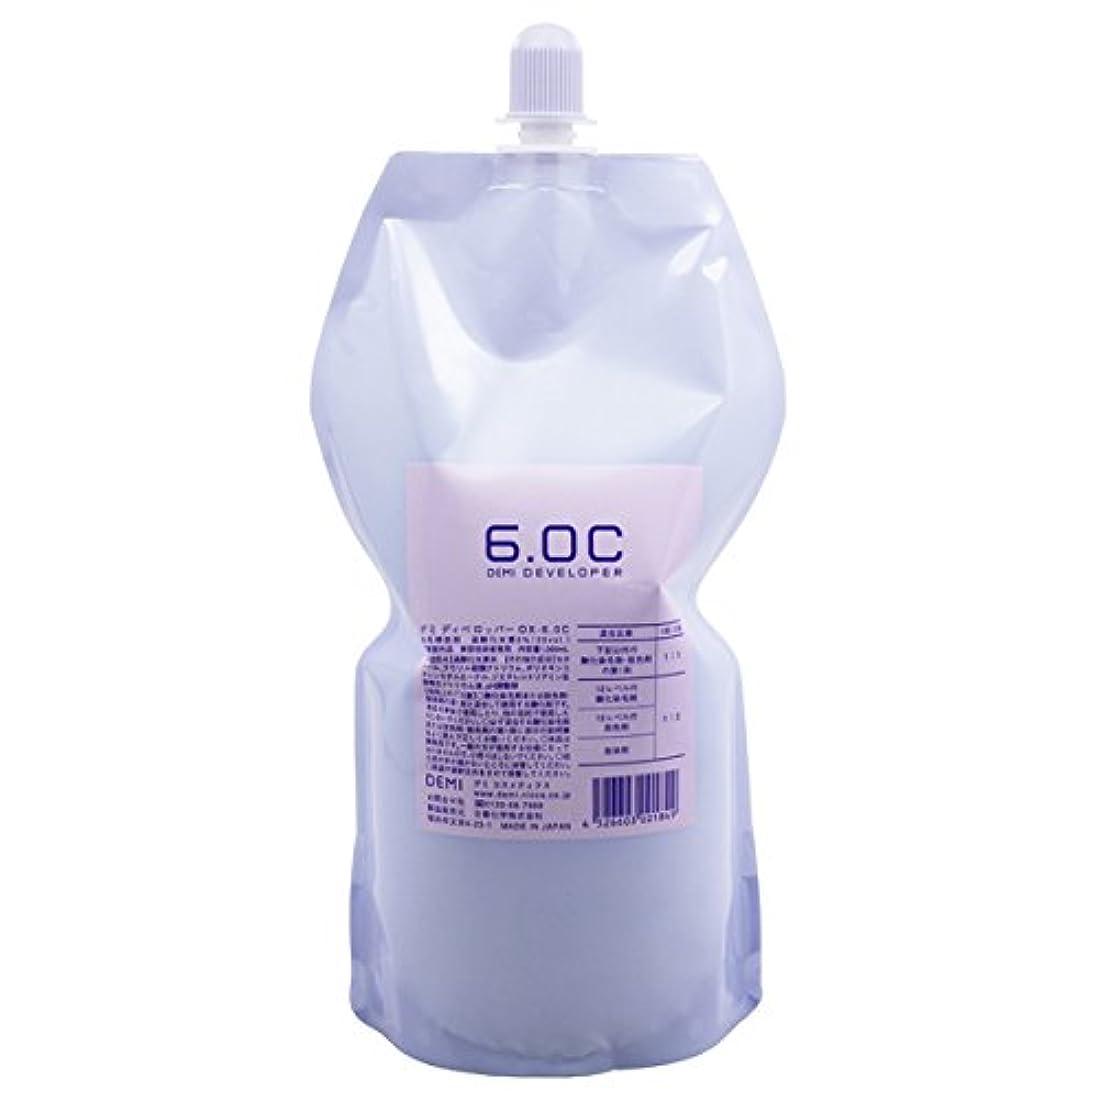 過ち栄養送る【デミコスメティクス】デミ ディベロッパー OX-6.0C (SP) 1000ml